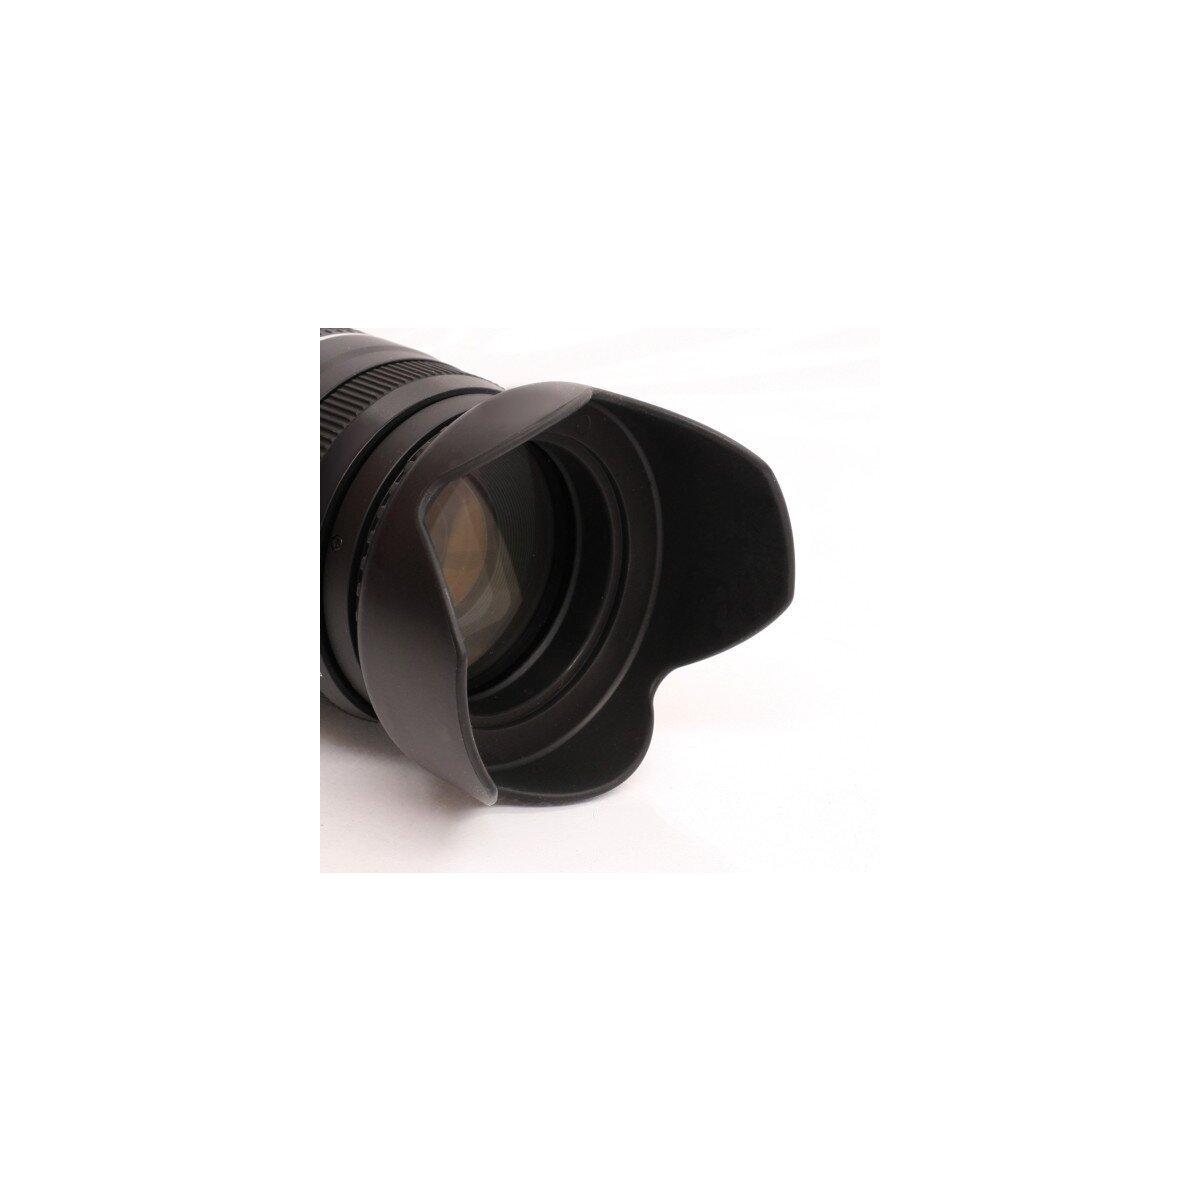 Universal Sonnenblende 52mm z.B. fuer Nikon AF-S DX 18-55mm / Pentax 18-55mm SMC / Tamron AF 55-200mm u.v.a.